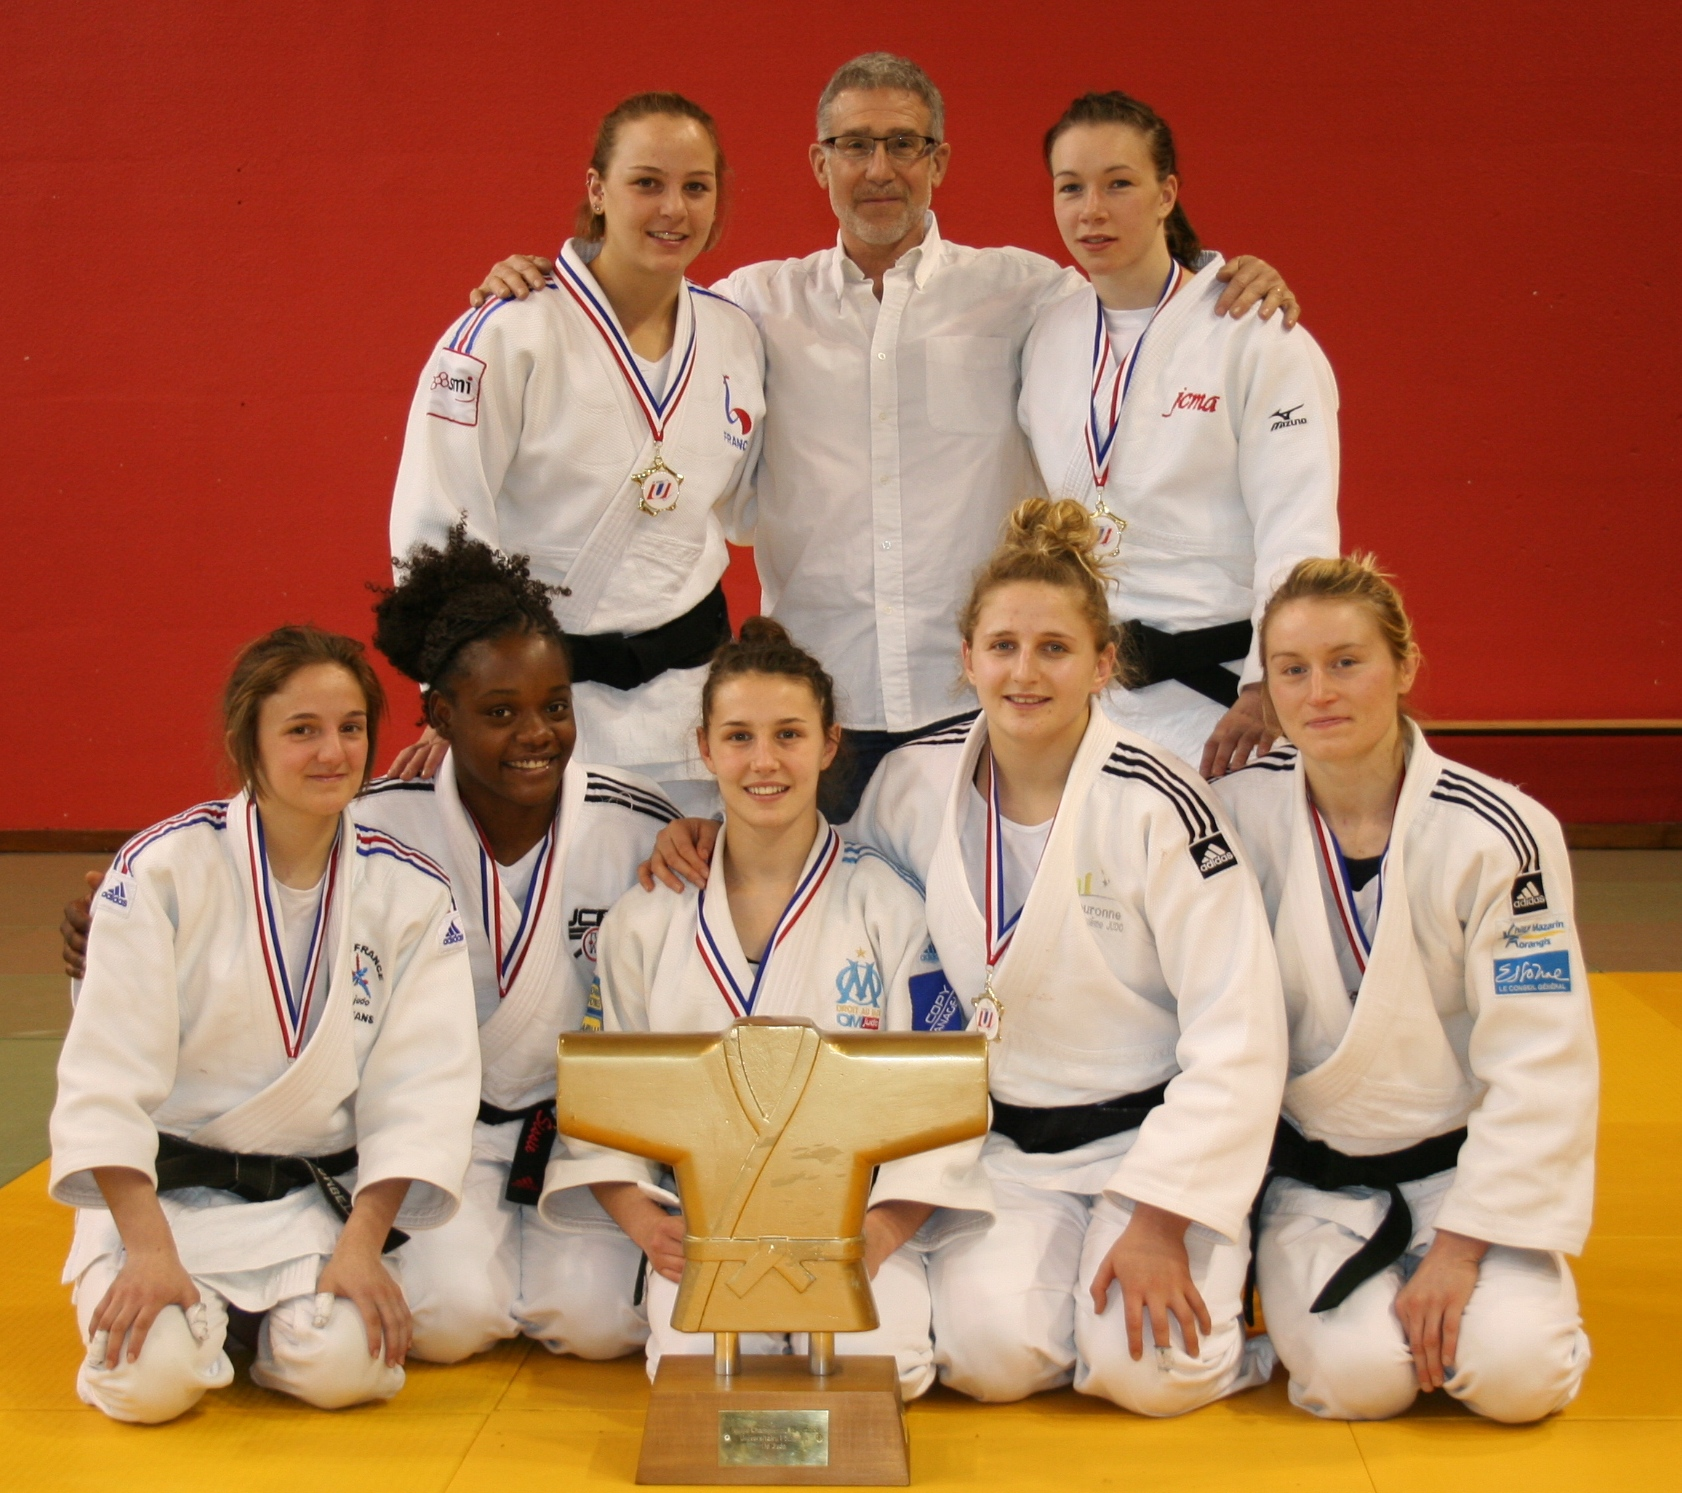 Judo : l'équipe féminine de l'UPEC remporte les championnats de France universitaires 2015 !